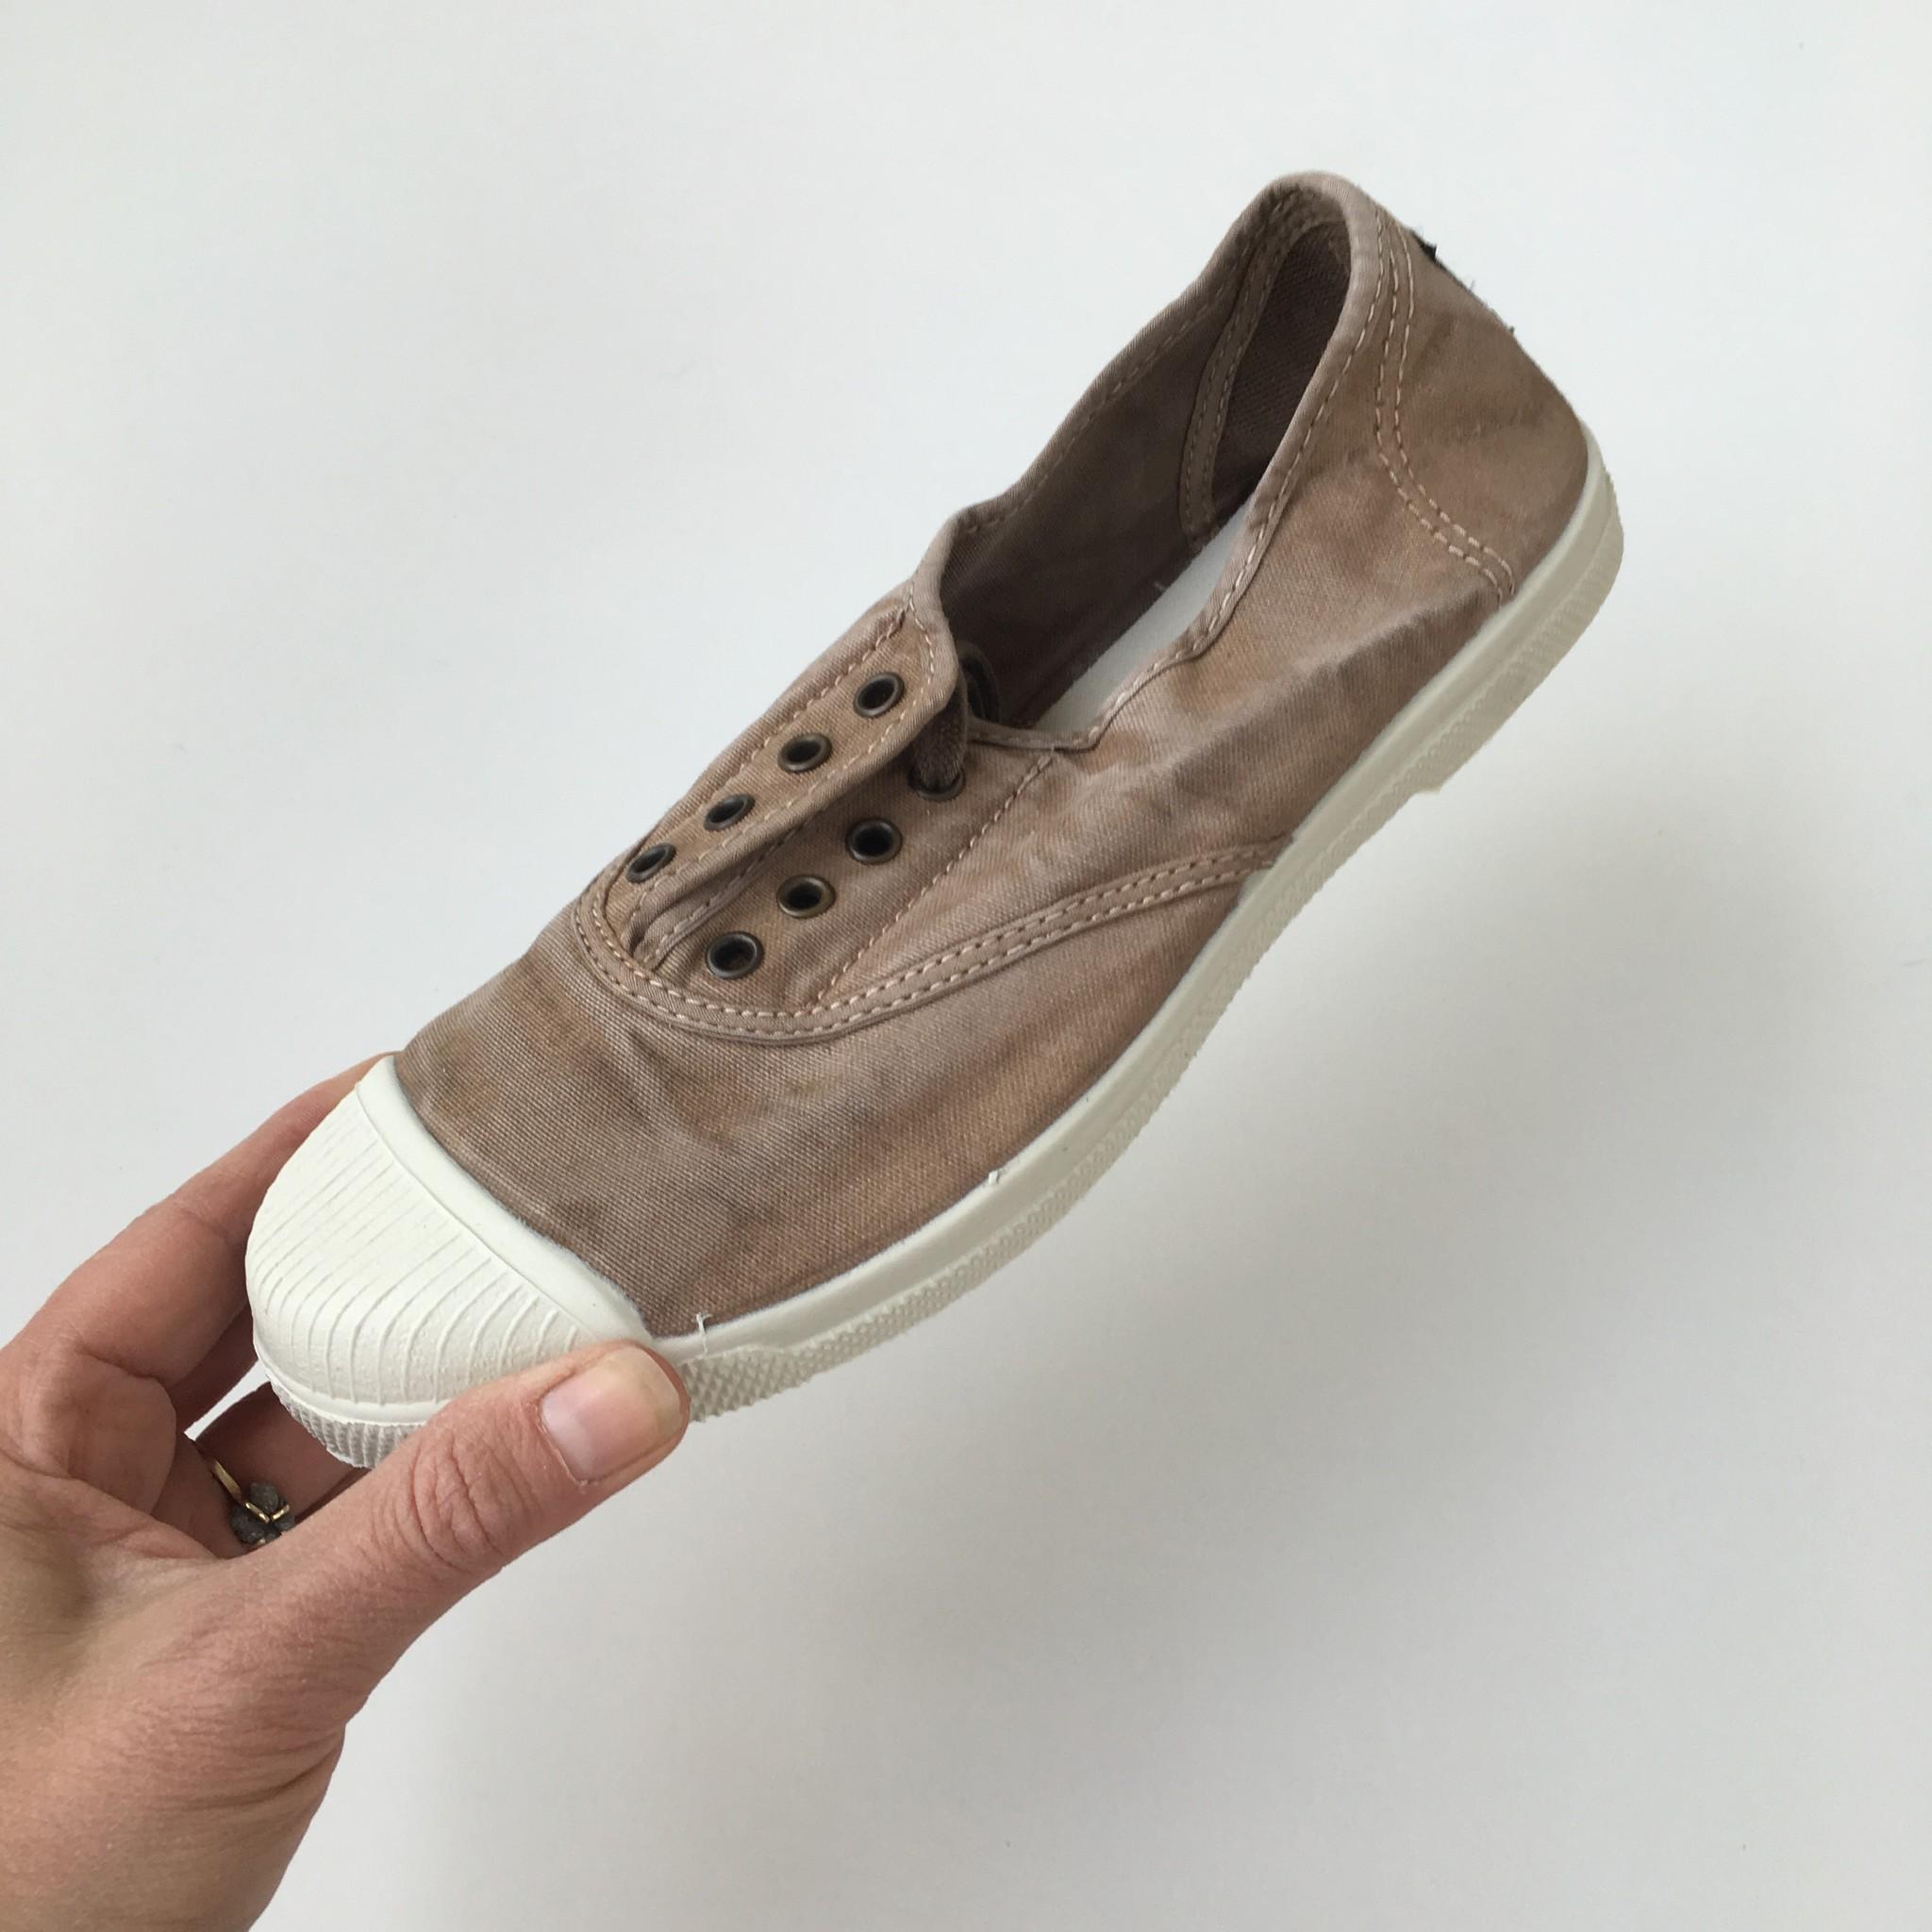 NATURAL WORLD - eco kinder sneakers - 100% biologisch katoen/100% natuur rubber - stone washed bruin/ beige